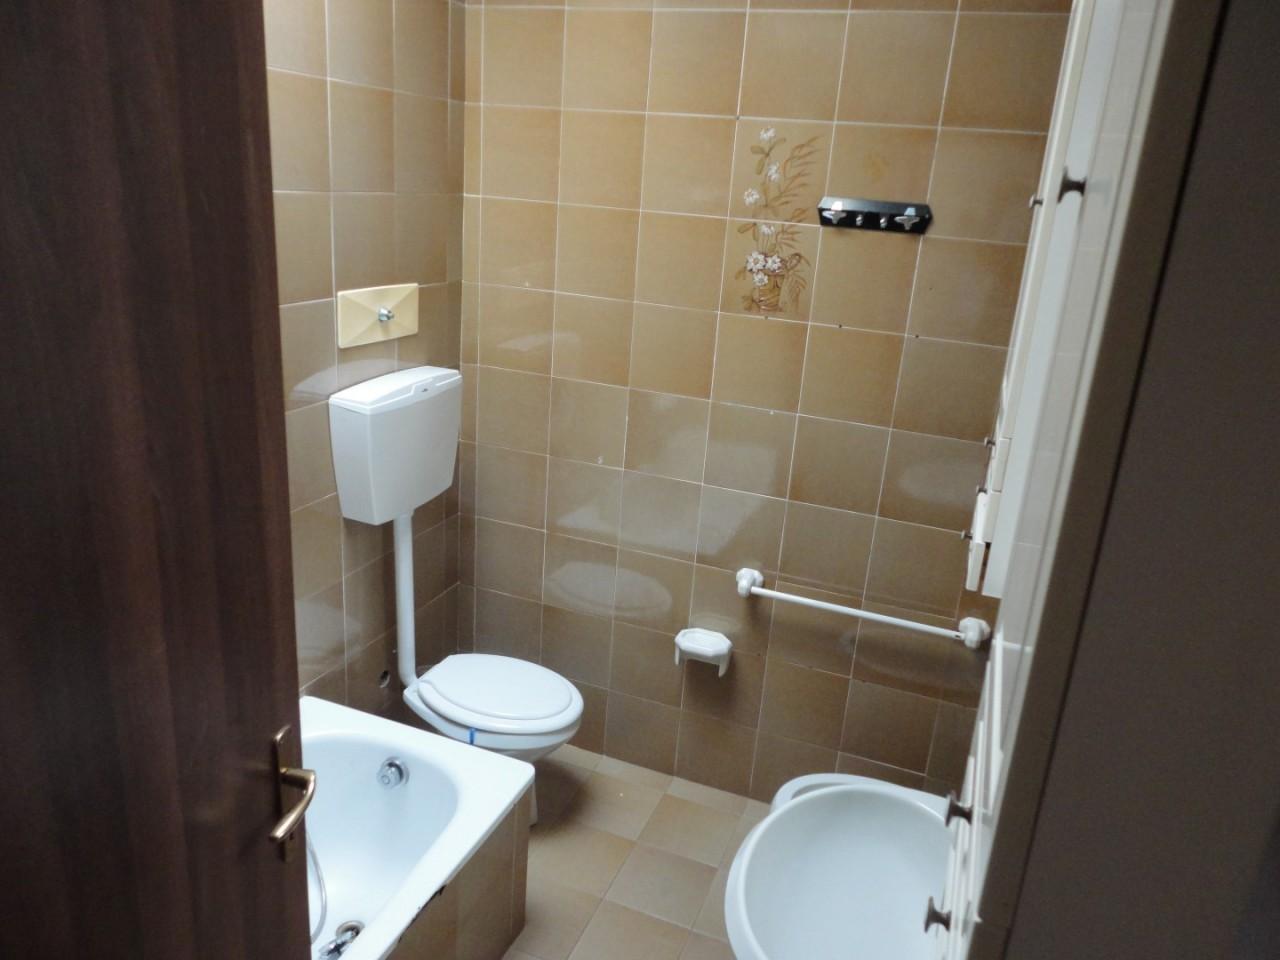 L495 Appartamento bicamere con terrazzo in affitto a Montegrotto Terme https://media.gestionaleimmobiliare.it/foto/annunci/190604/2014770/1280x1280/009__09_bagno.jpg